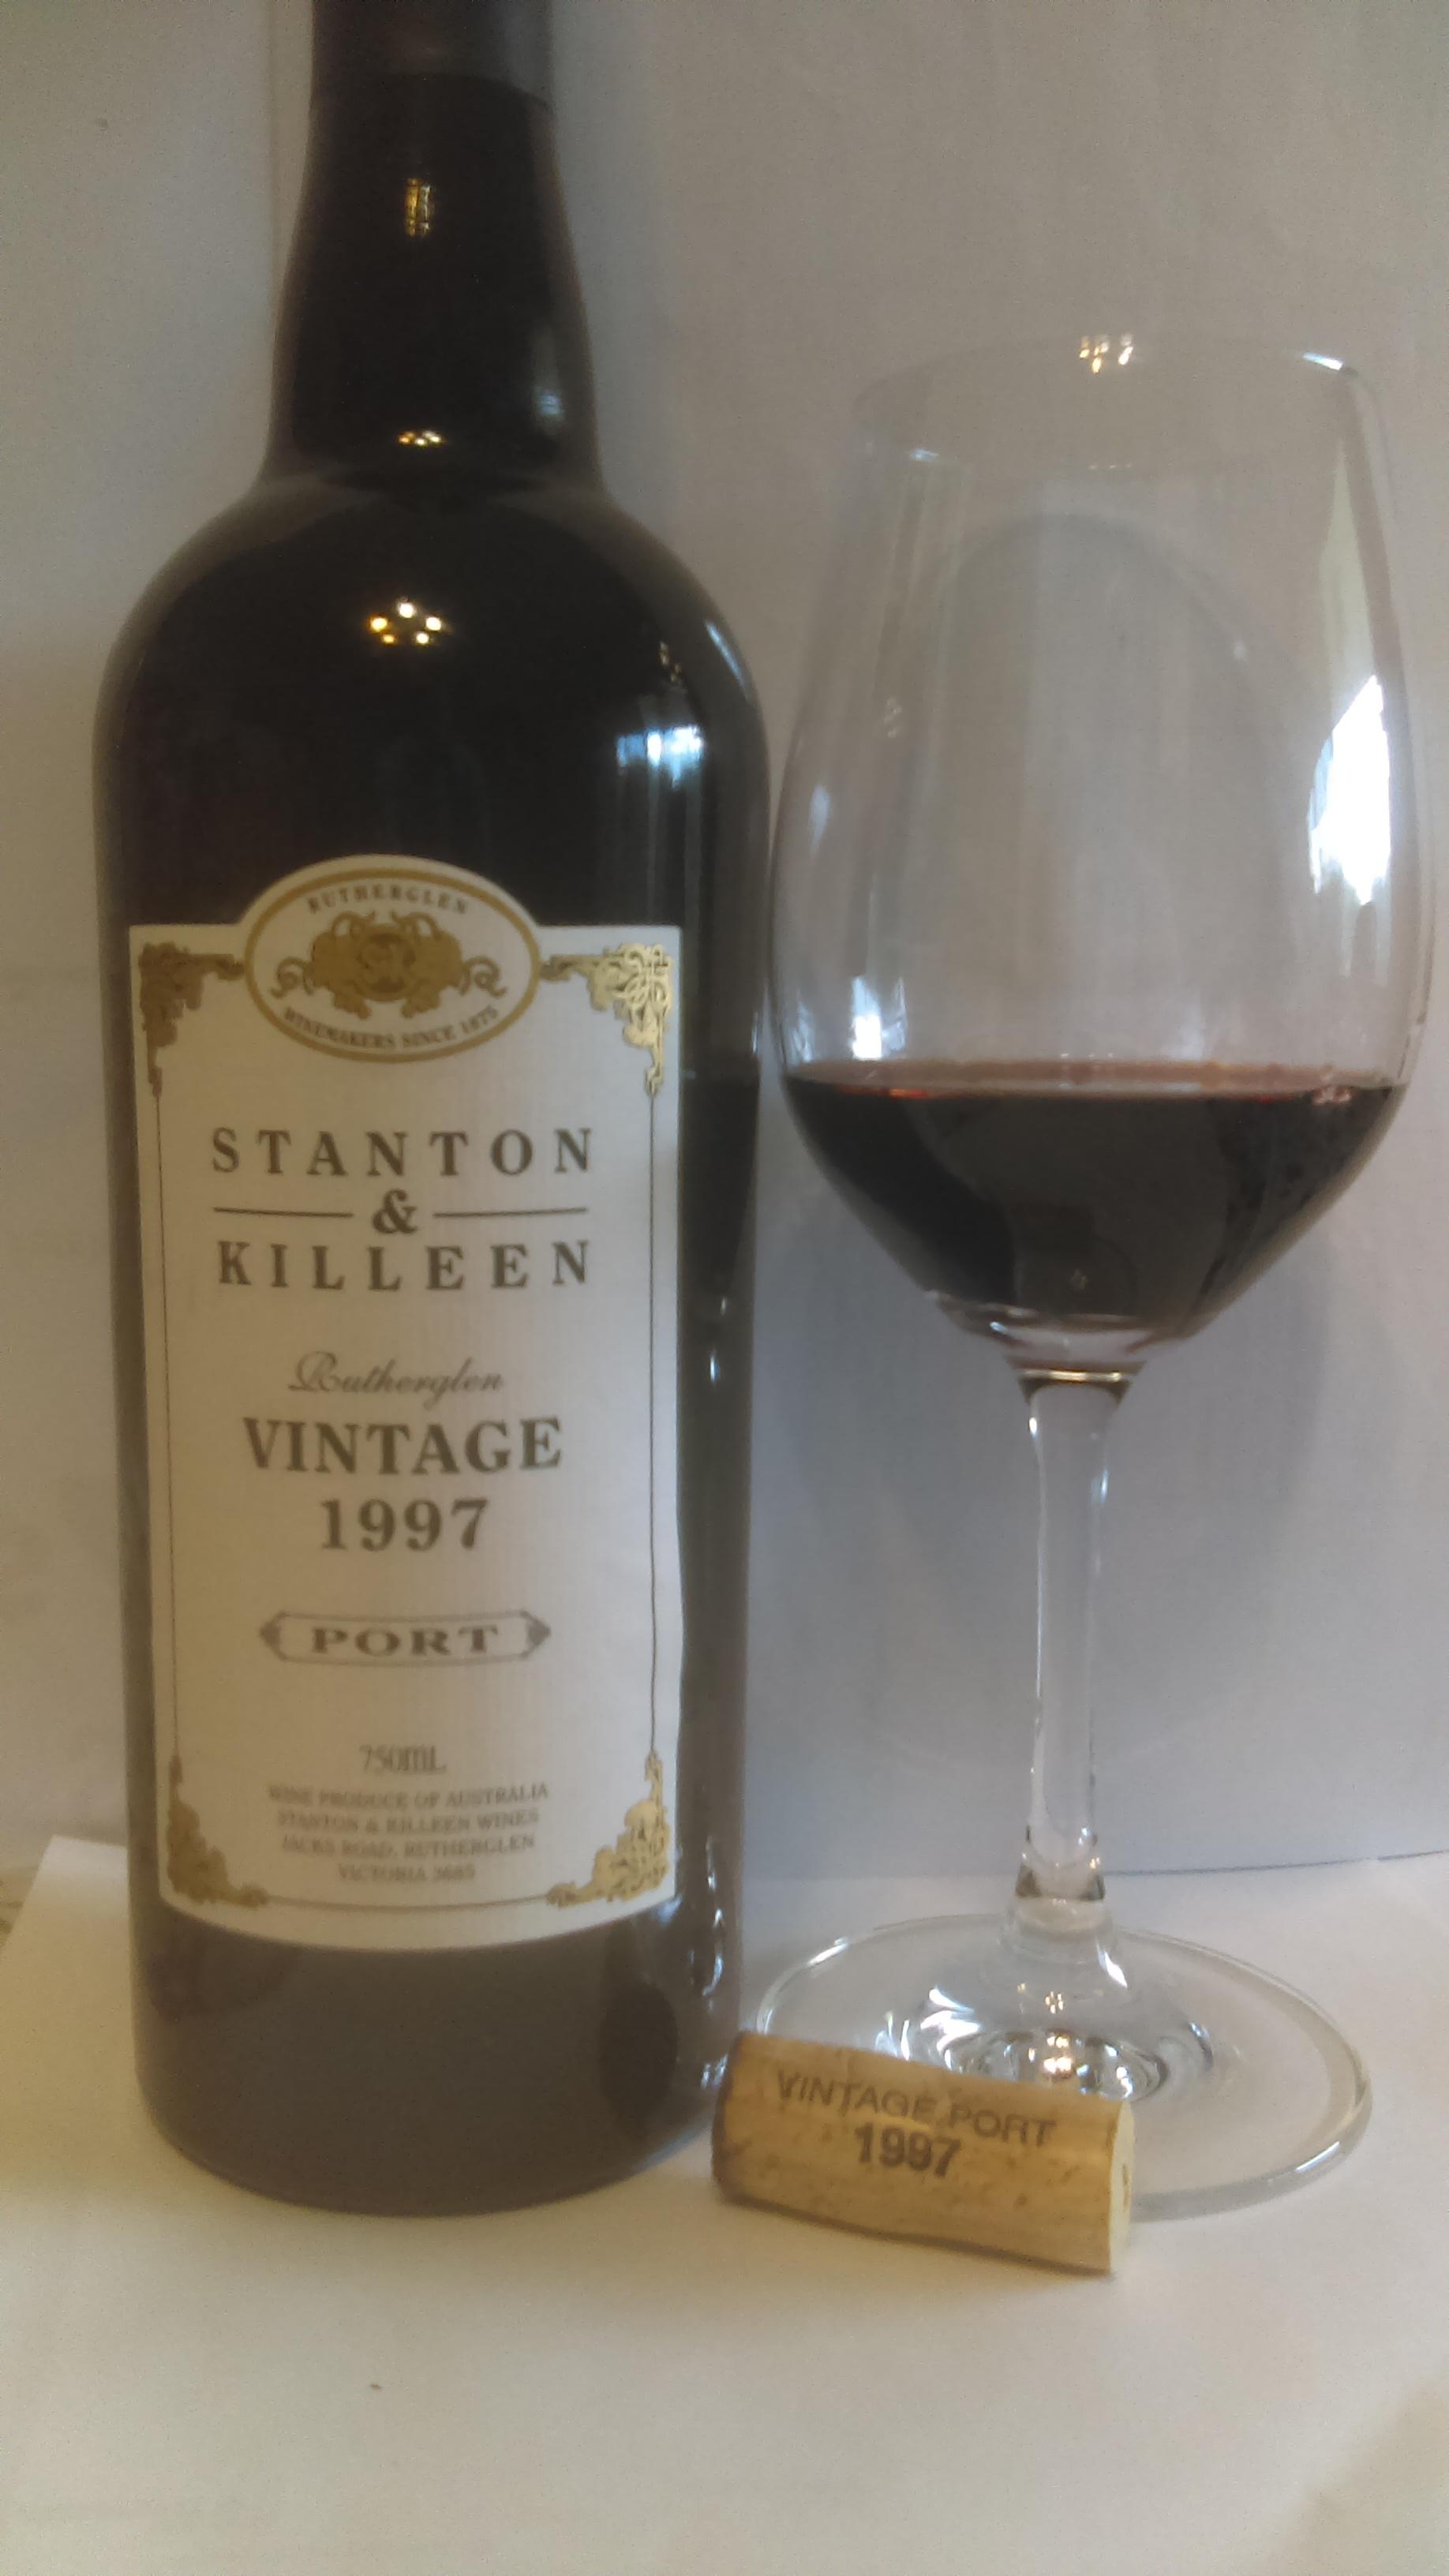 1997 S&K vp